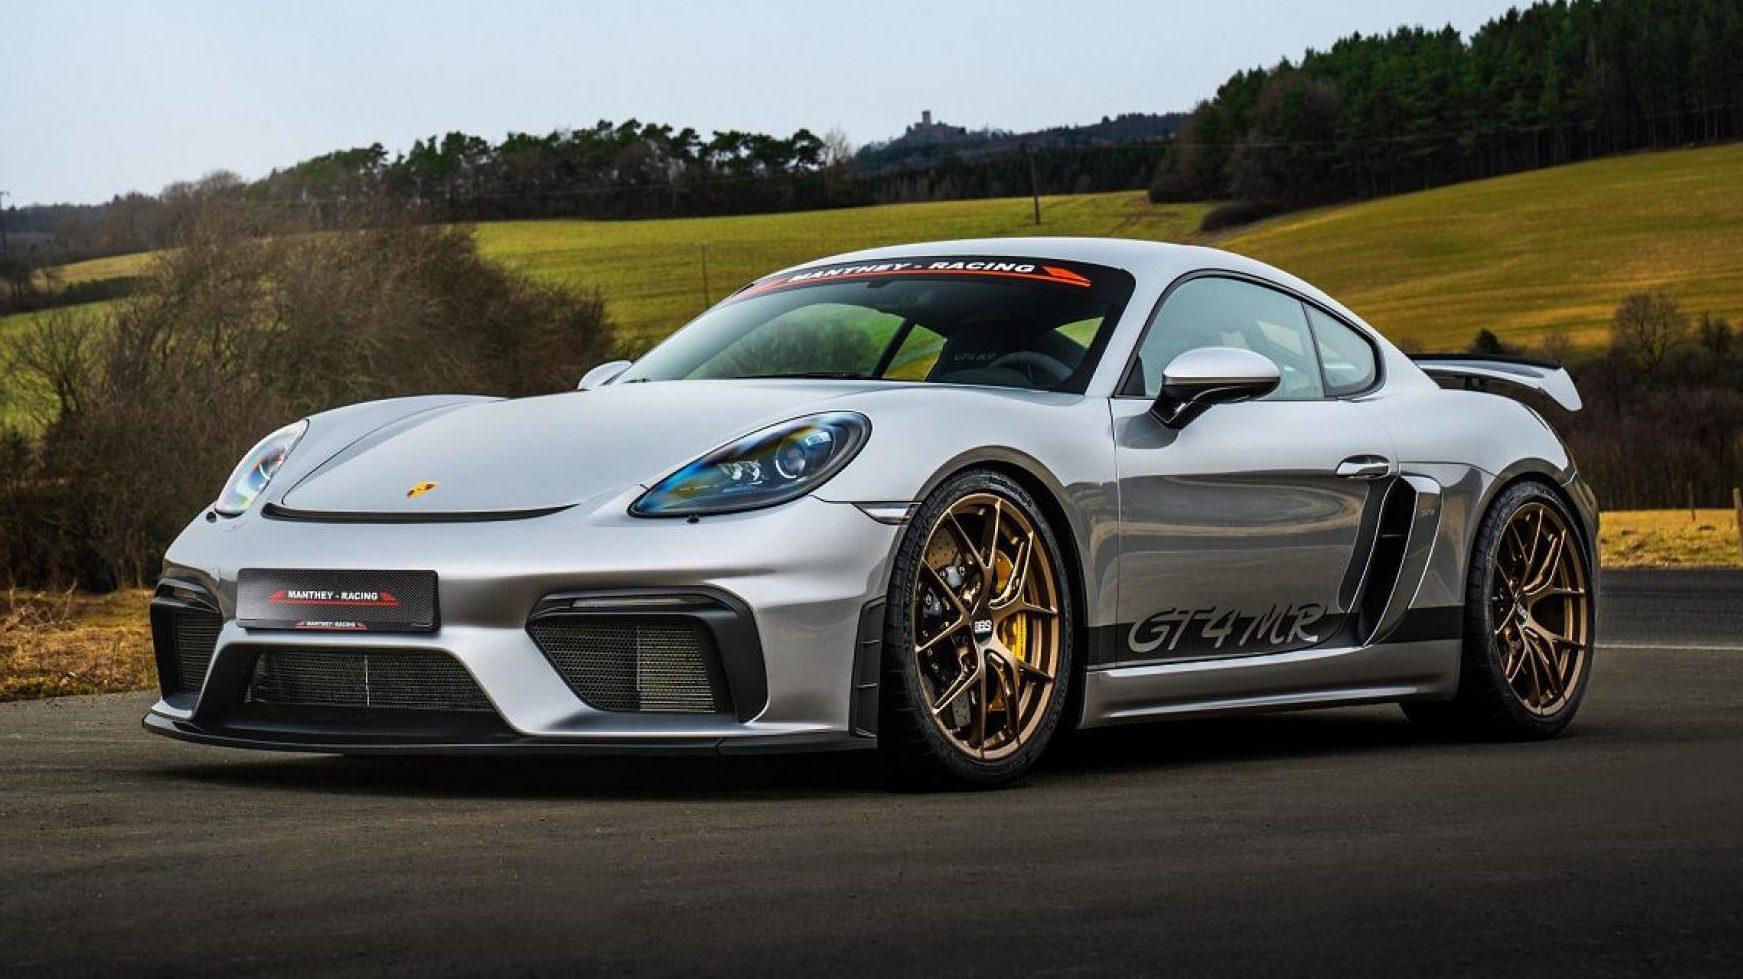 Porsche Cayman GT4 MR van Manthey-Racing